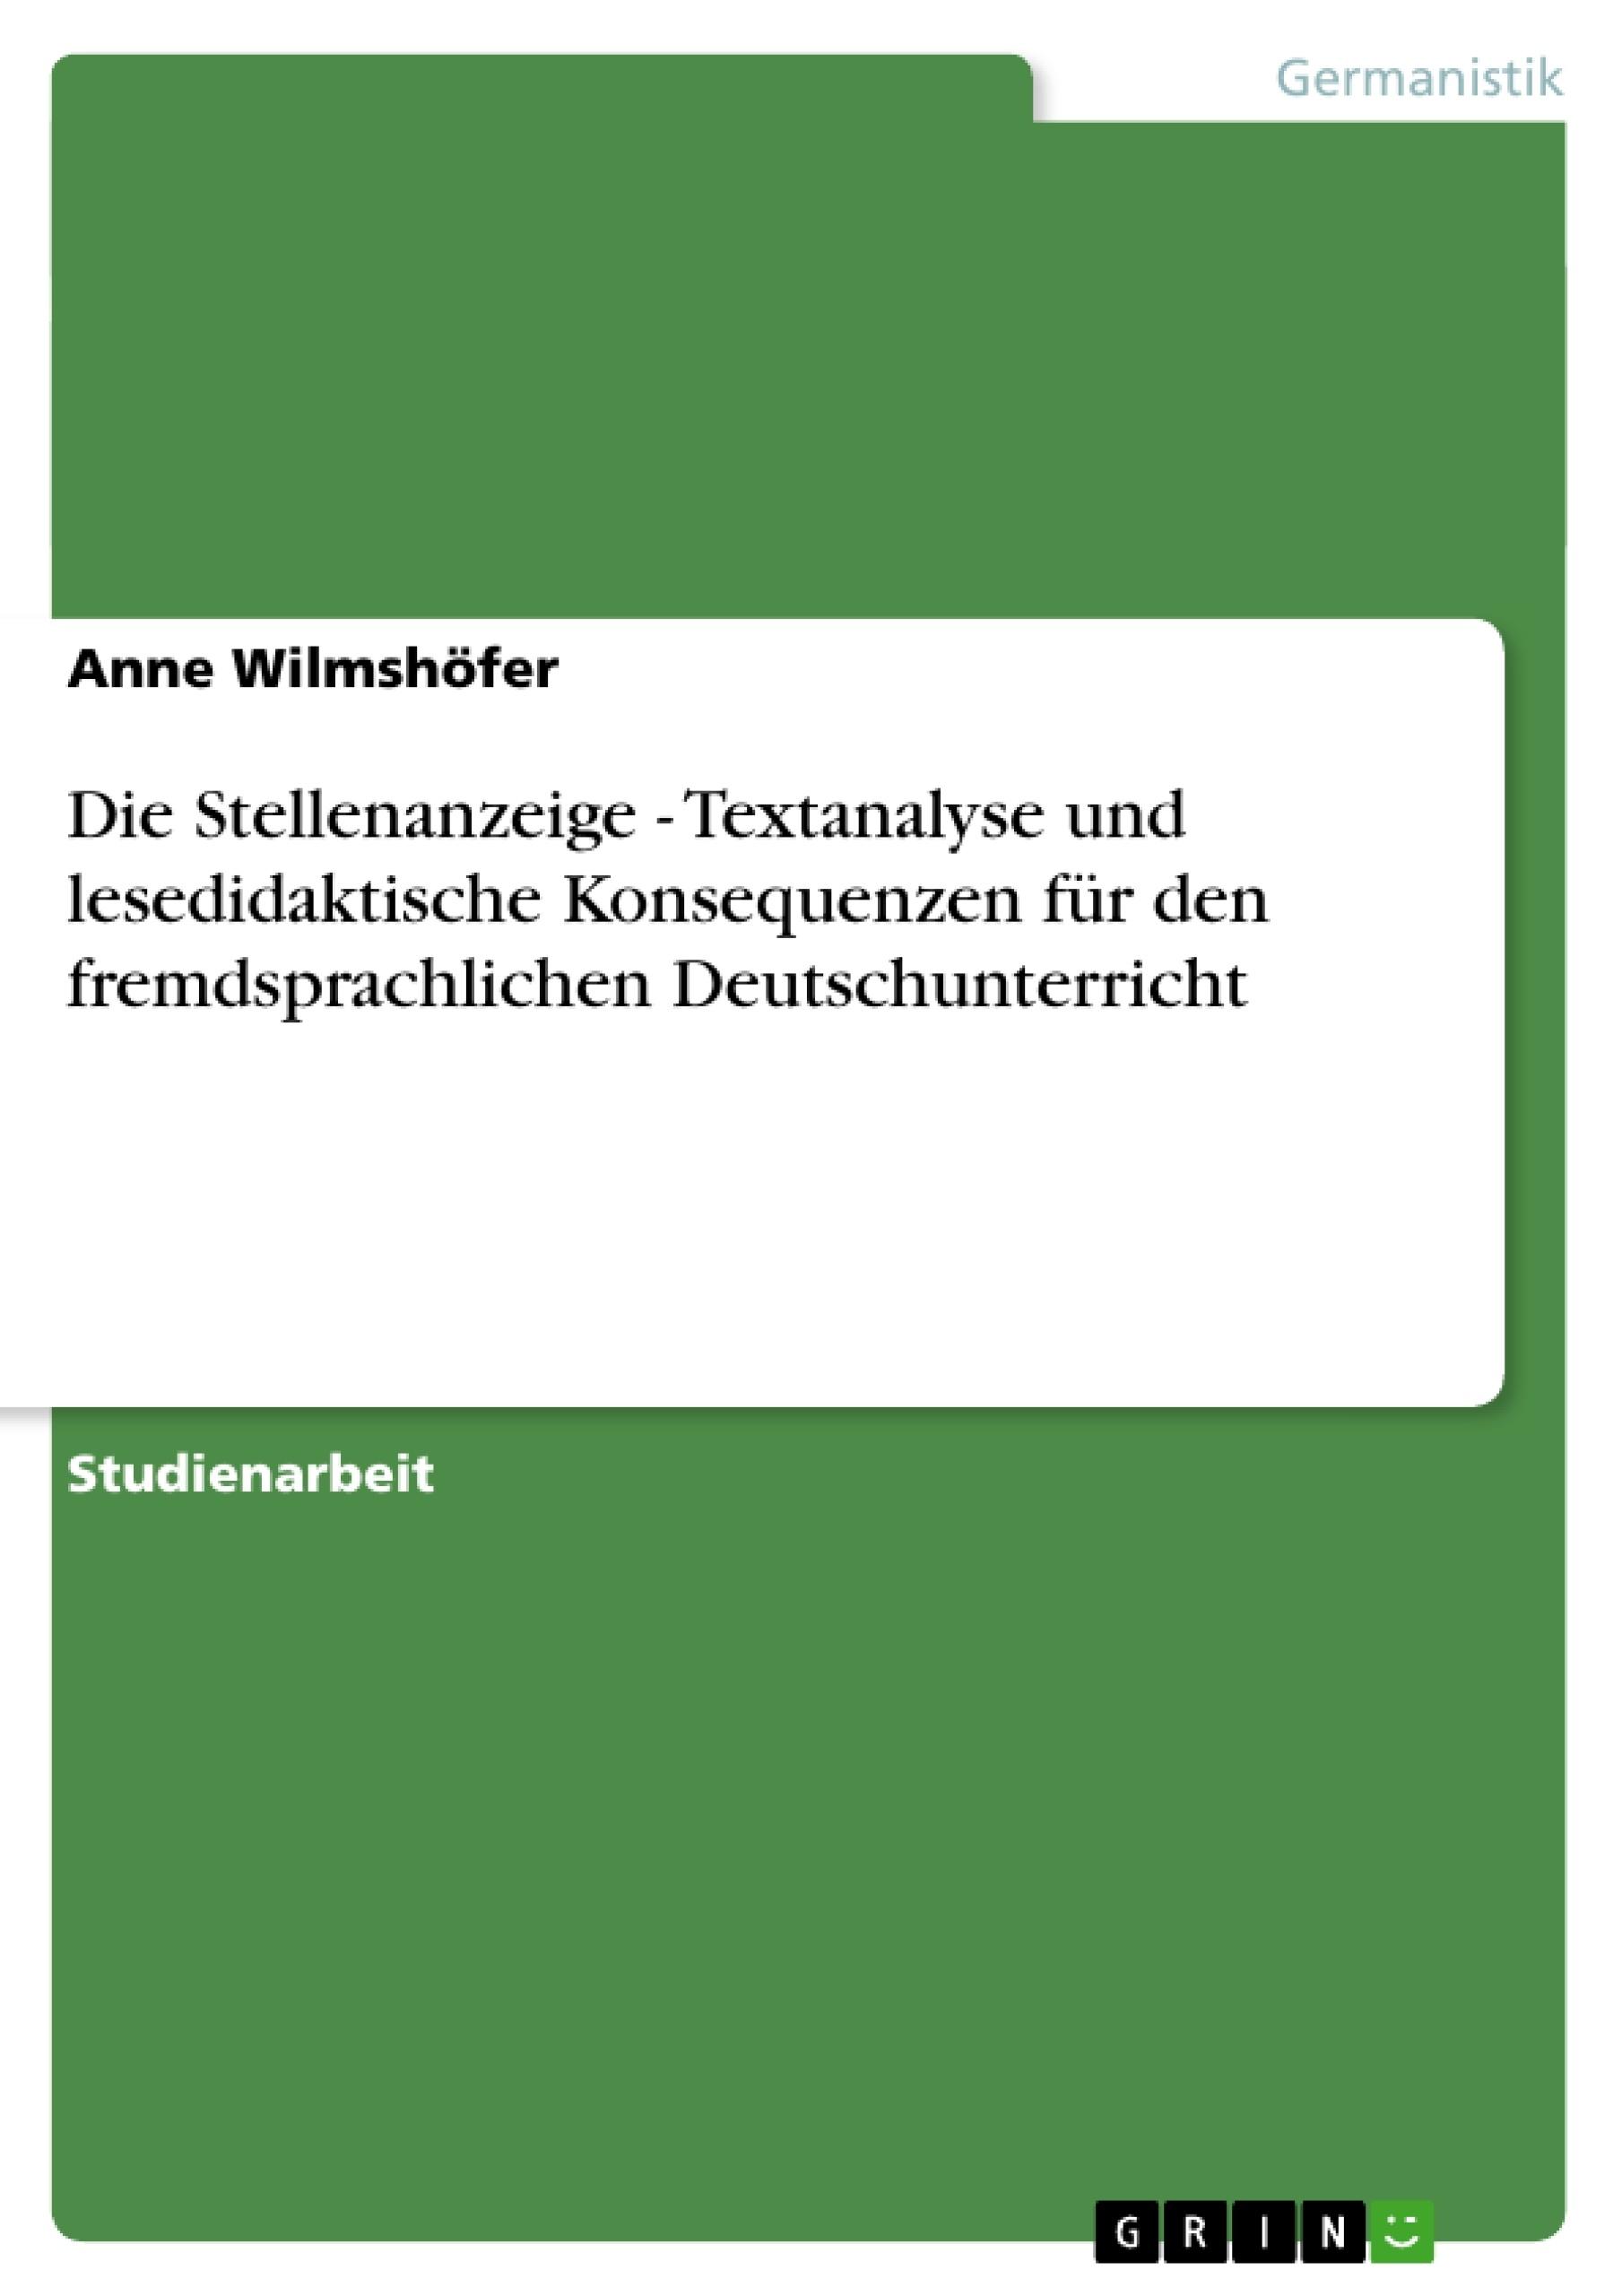 Titel: Die Stellenanzeige - Textanalyse und lesedidaktische Konsequenzen für den fremdsprachlichen Deutschunterricht